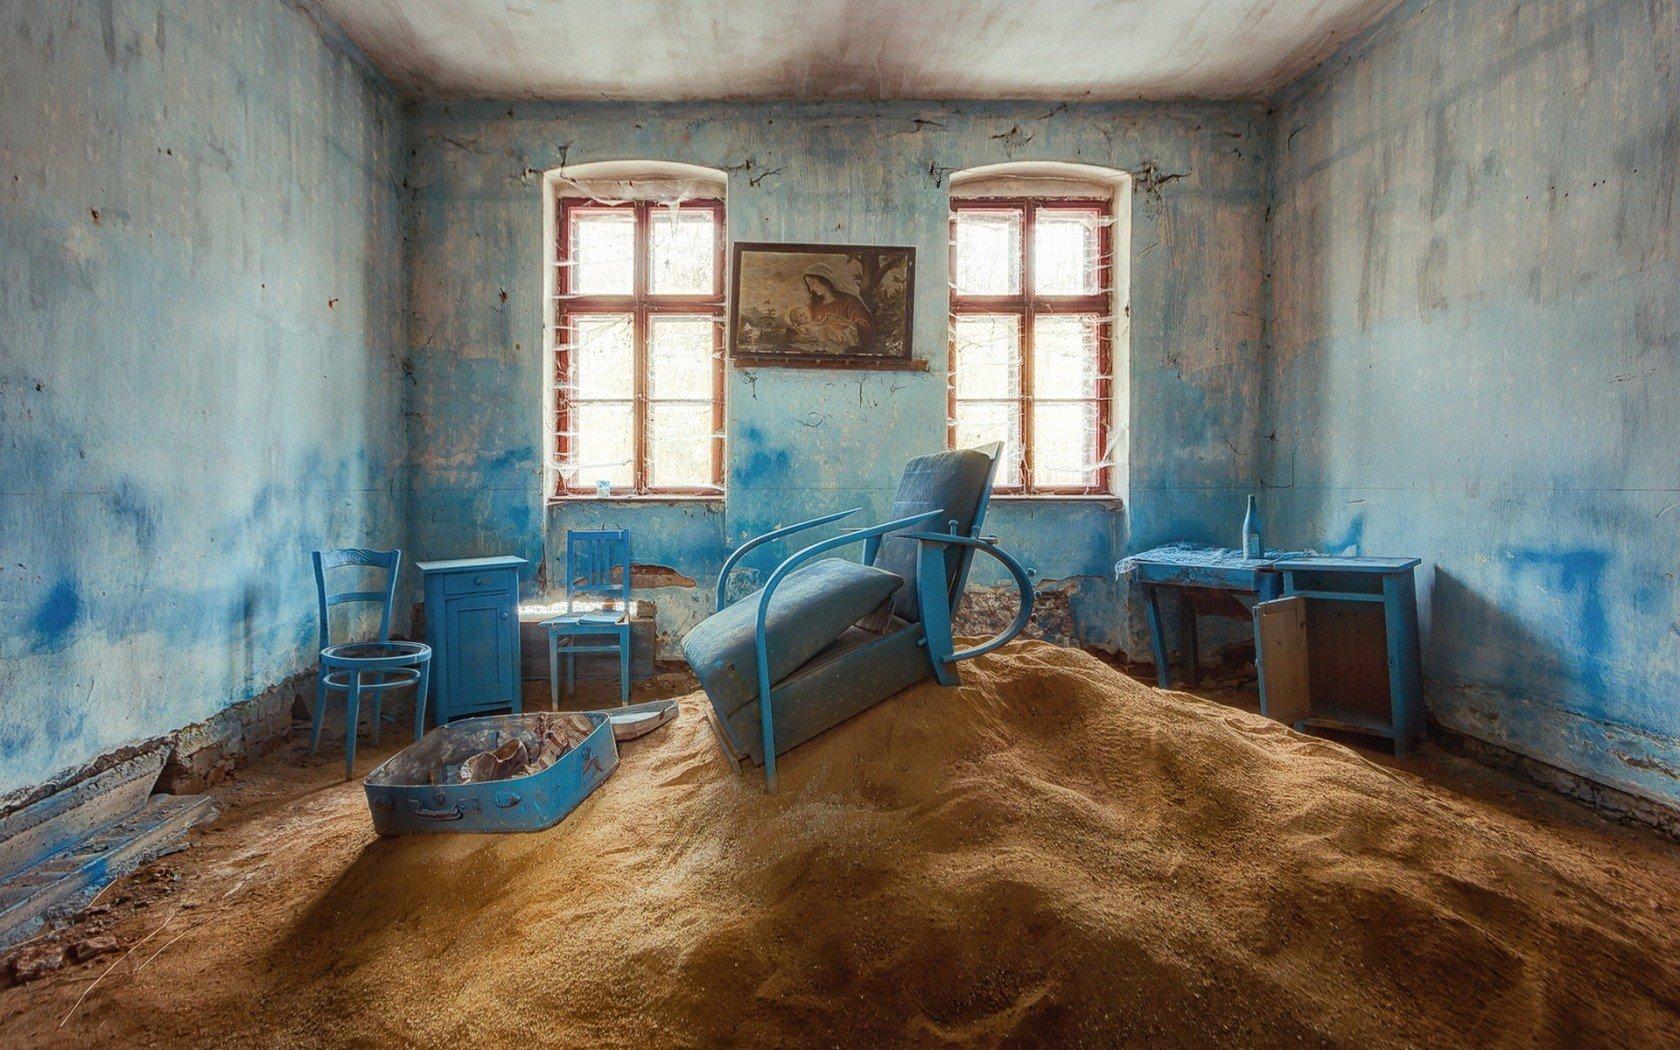 Hintergrundbilder : 1680x1050 px, verlassen, Haus, Innenräume, alt ...